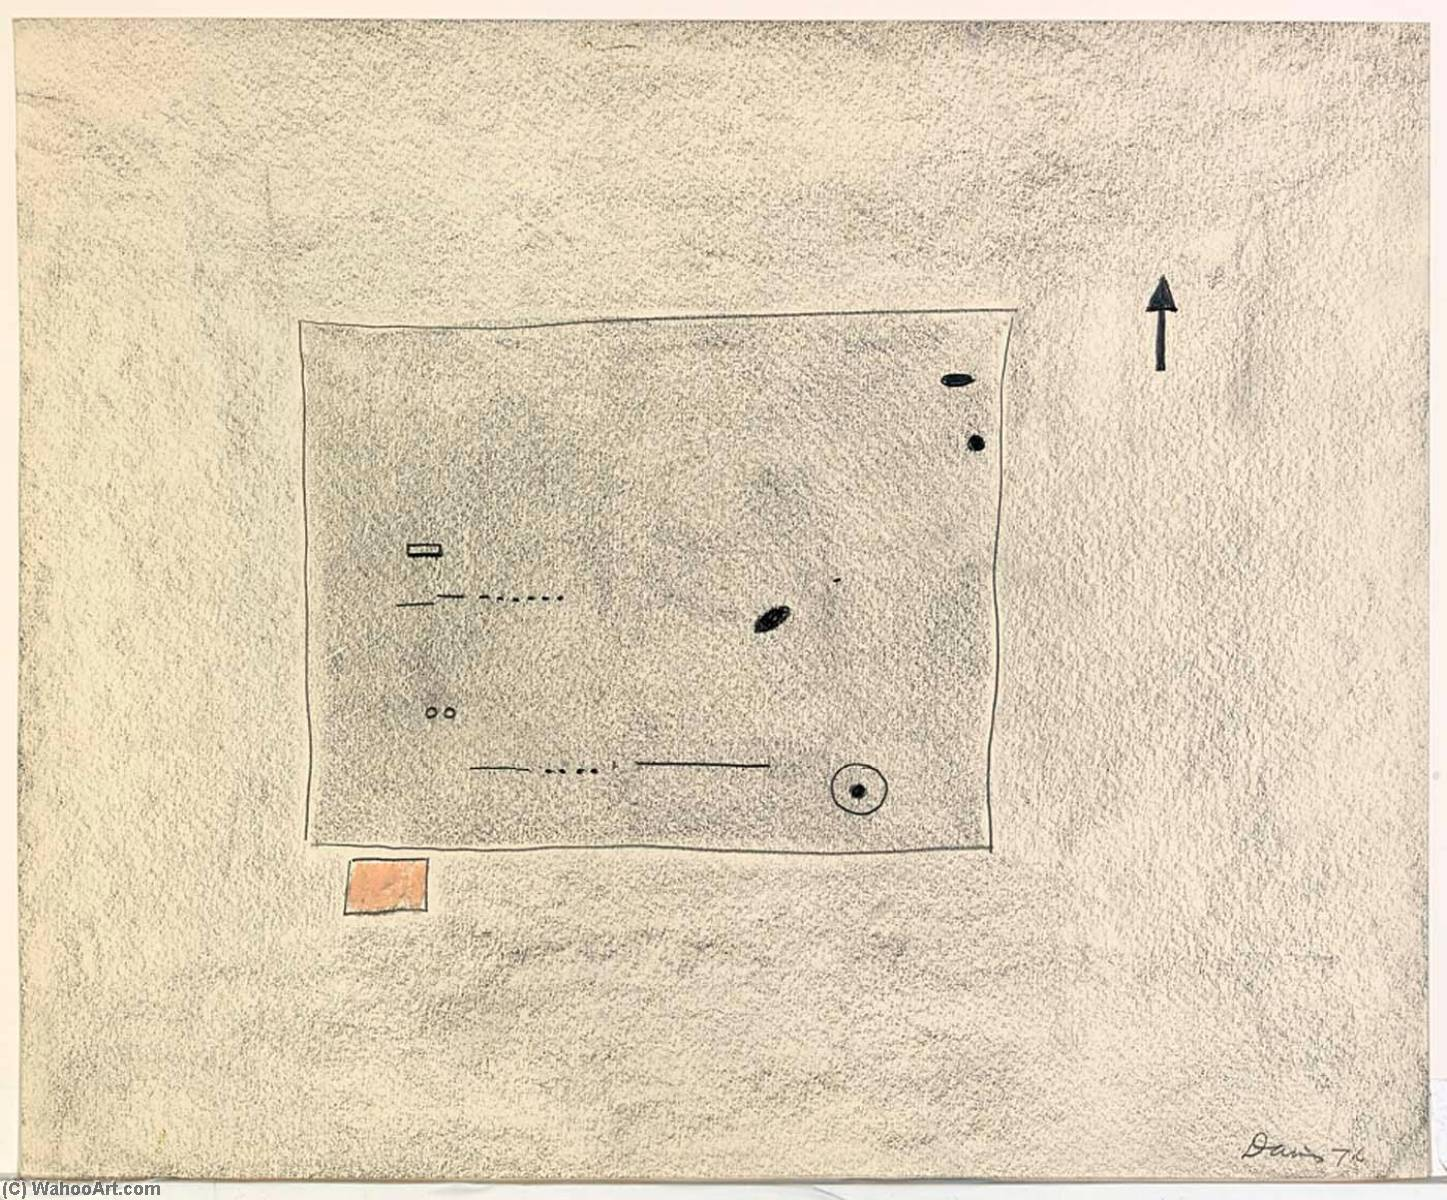 WikiOO.org - Енциклопедія образотворчого мистецтва - Живопис, Картини  Gene Davis - Toy Box